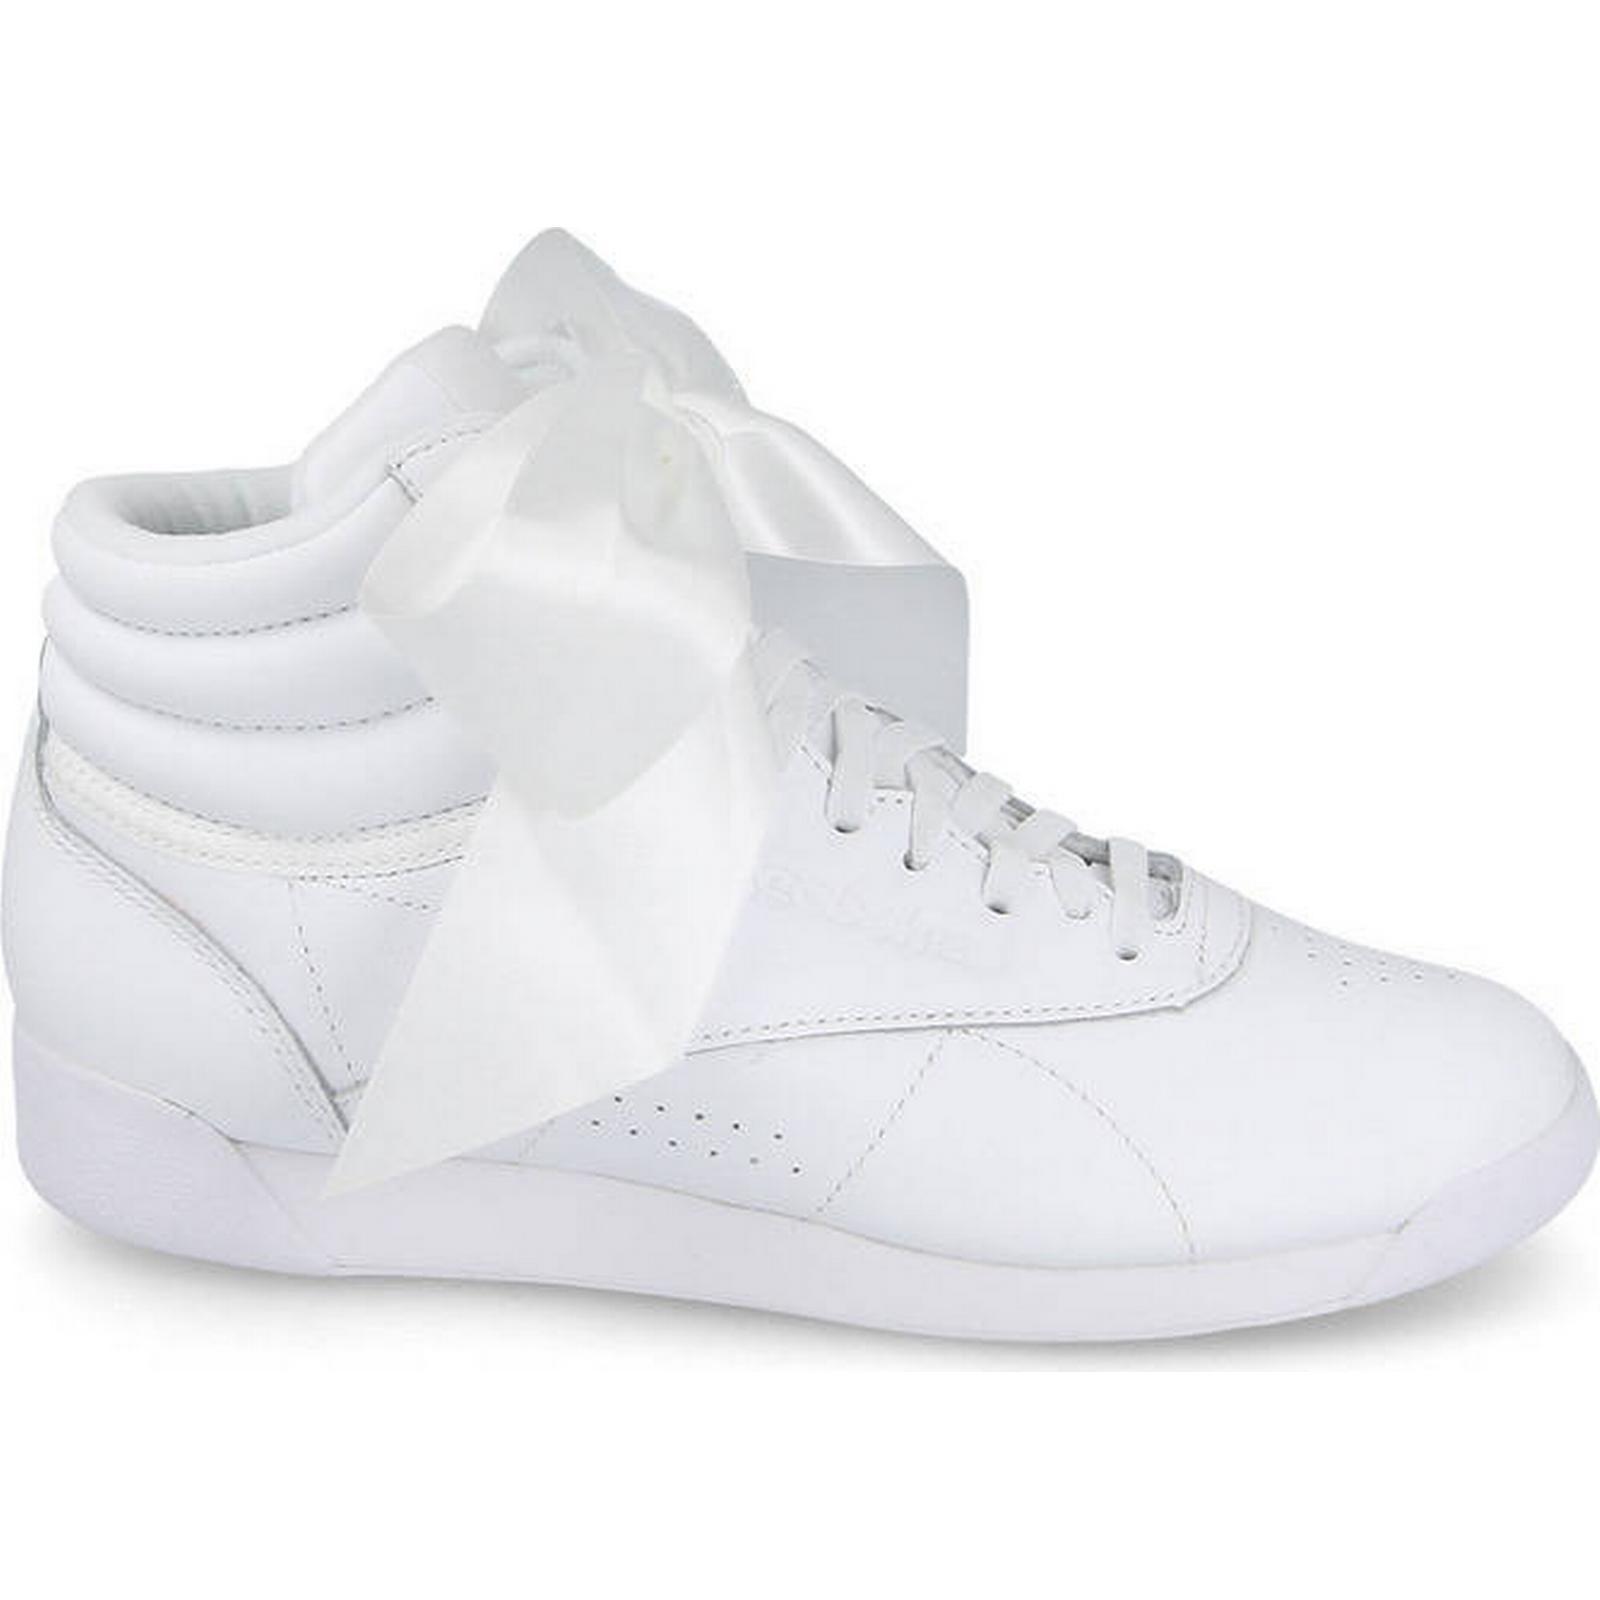 Reebok Classic Women's Shoes sneakers Reebok WHITE Freestyle Hi Satin CM8903 WHITE Reebok Size 38 00908d